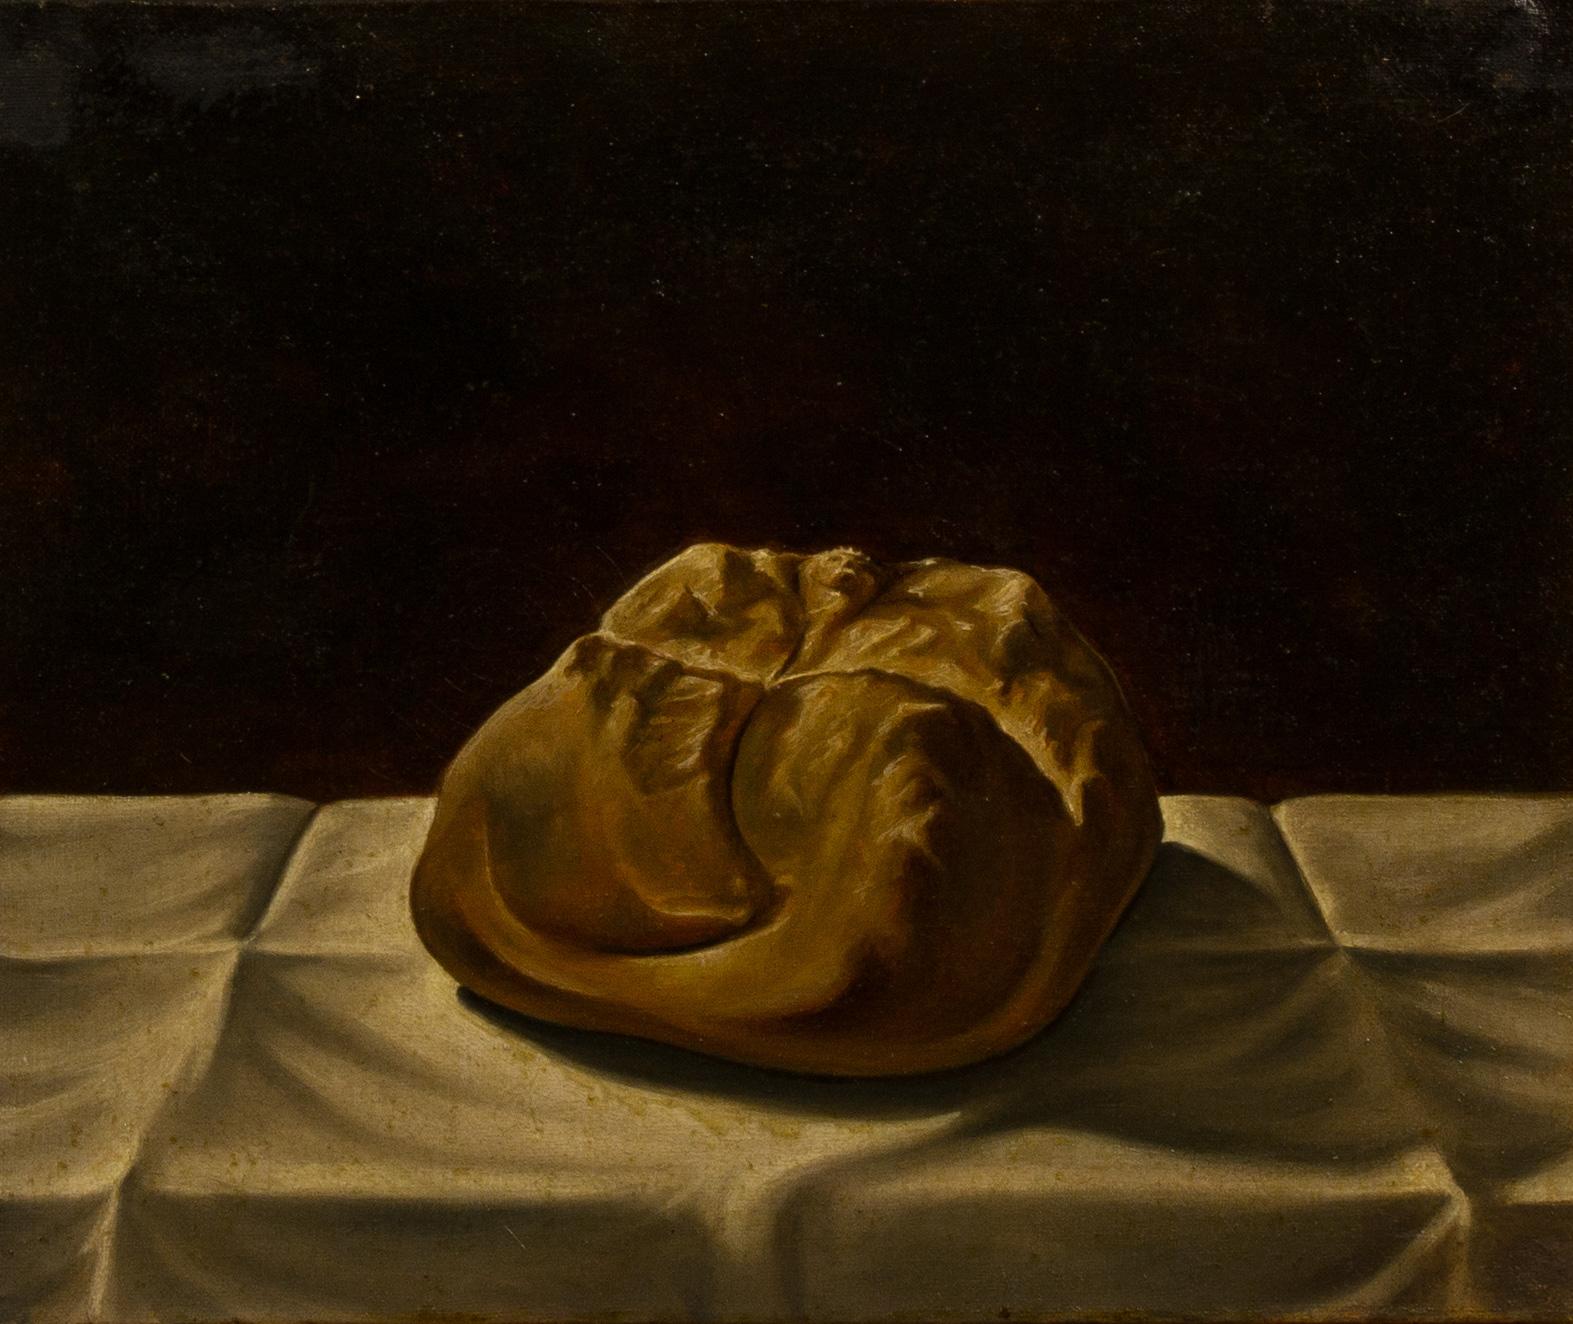 Pane mistico , olio su tela, cm 25x30, 1991